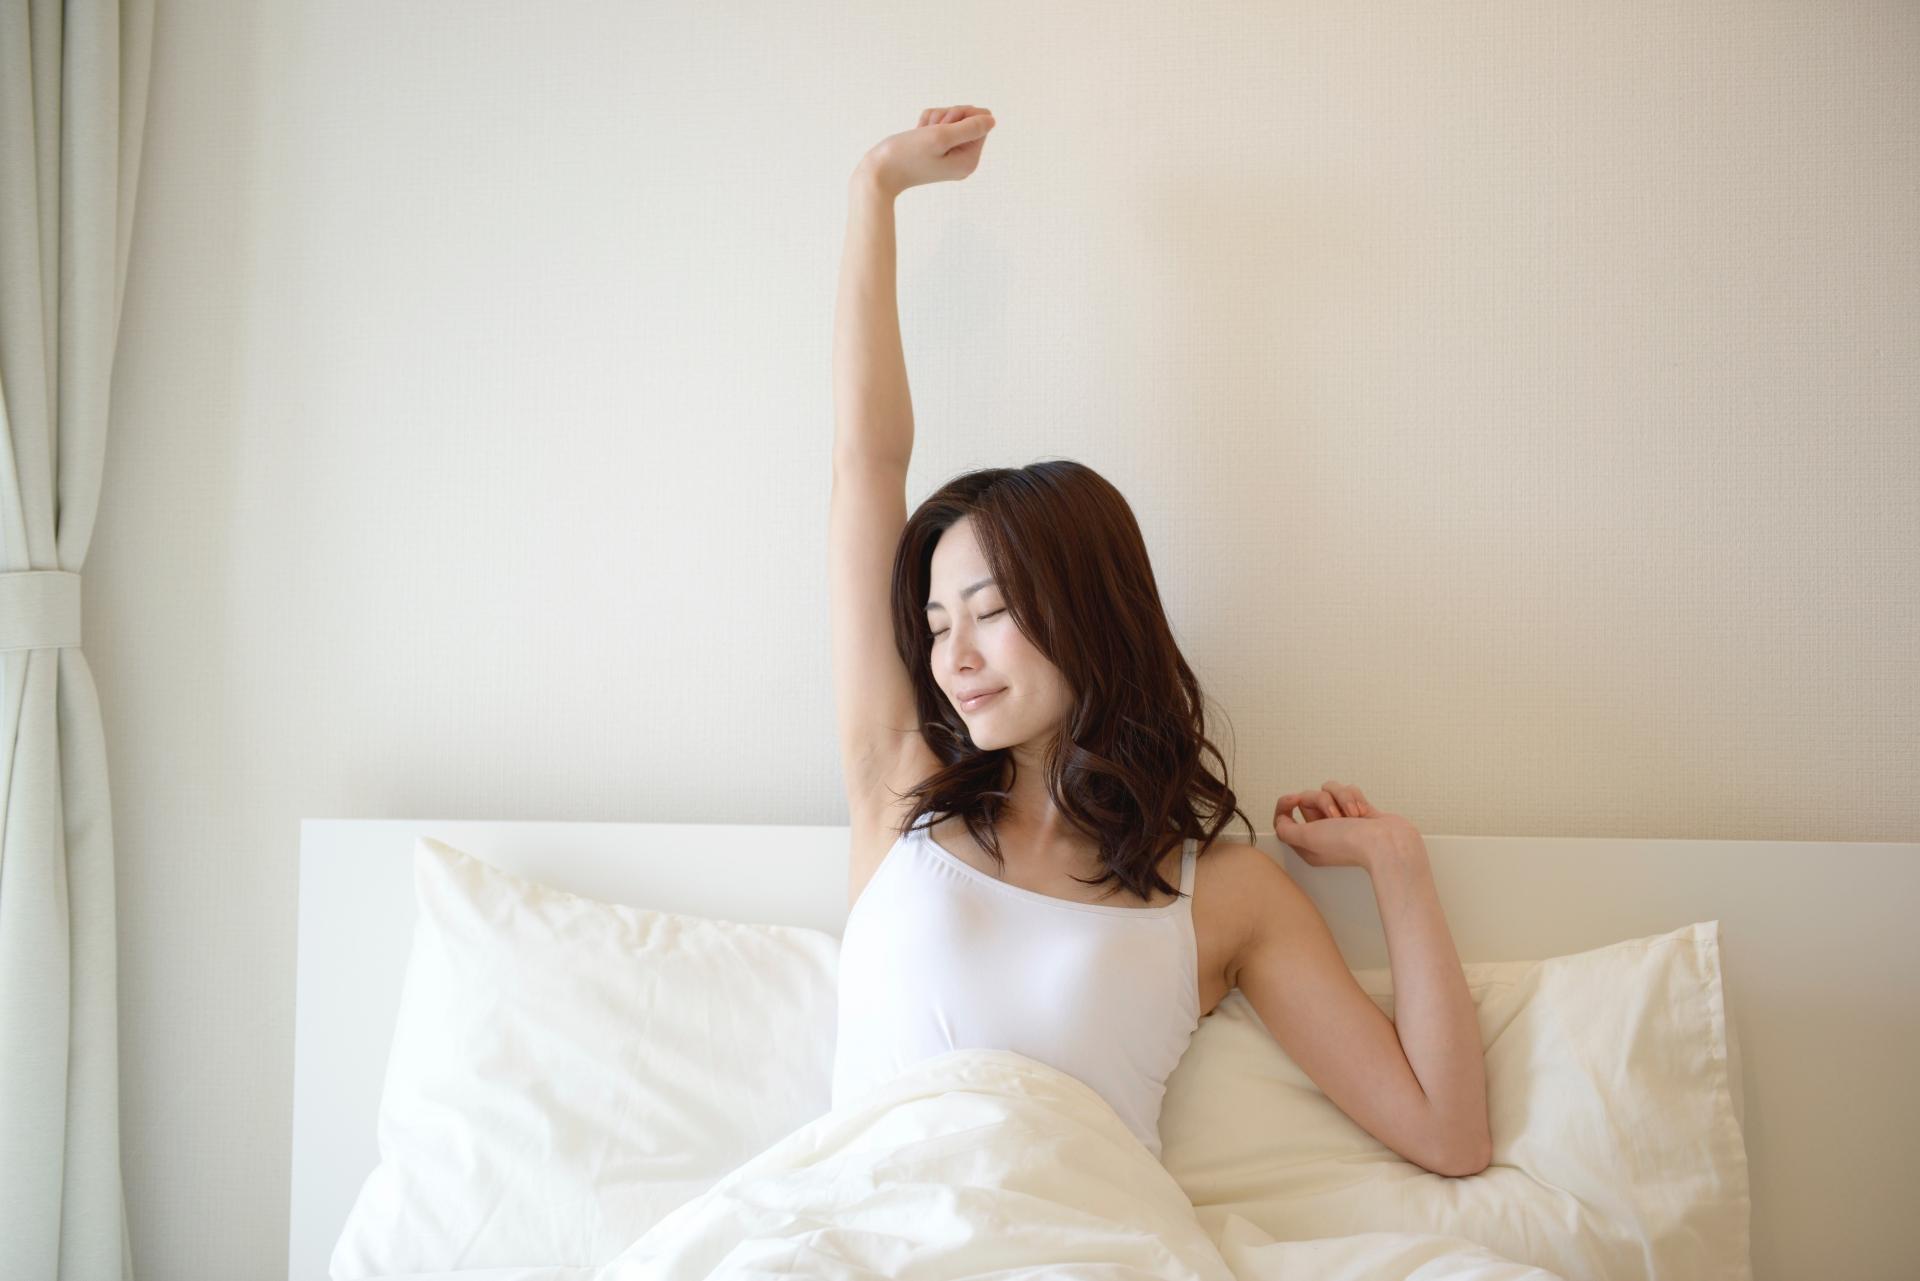 朝目覚める女性